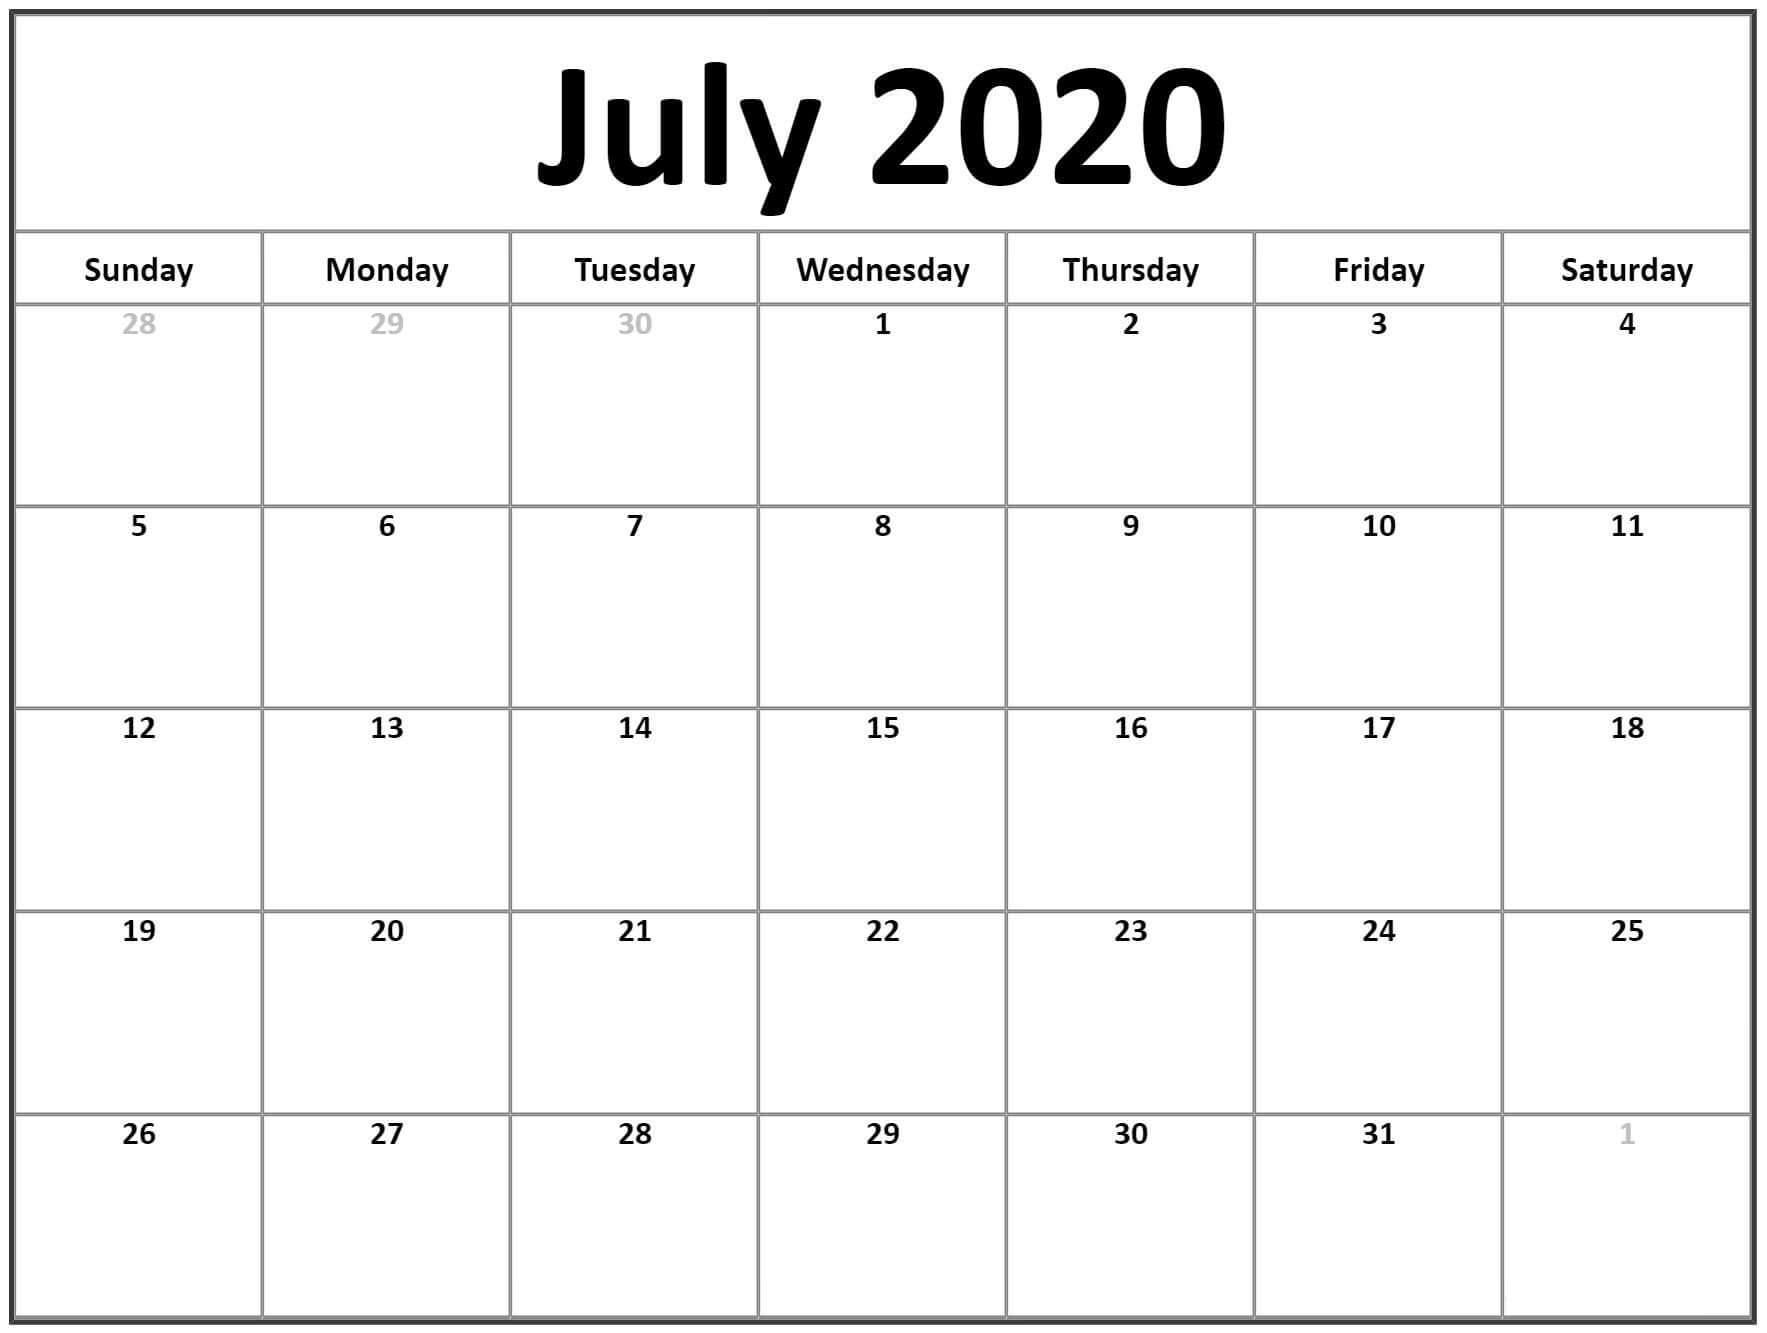 2020 July Calendar Wallpaper